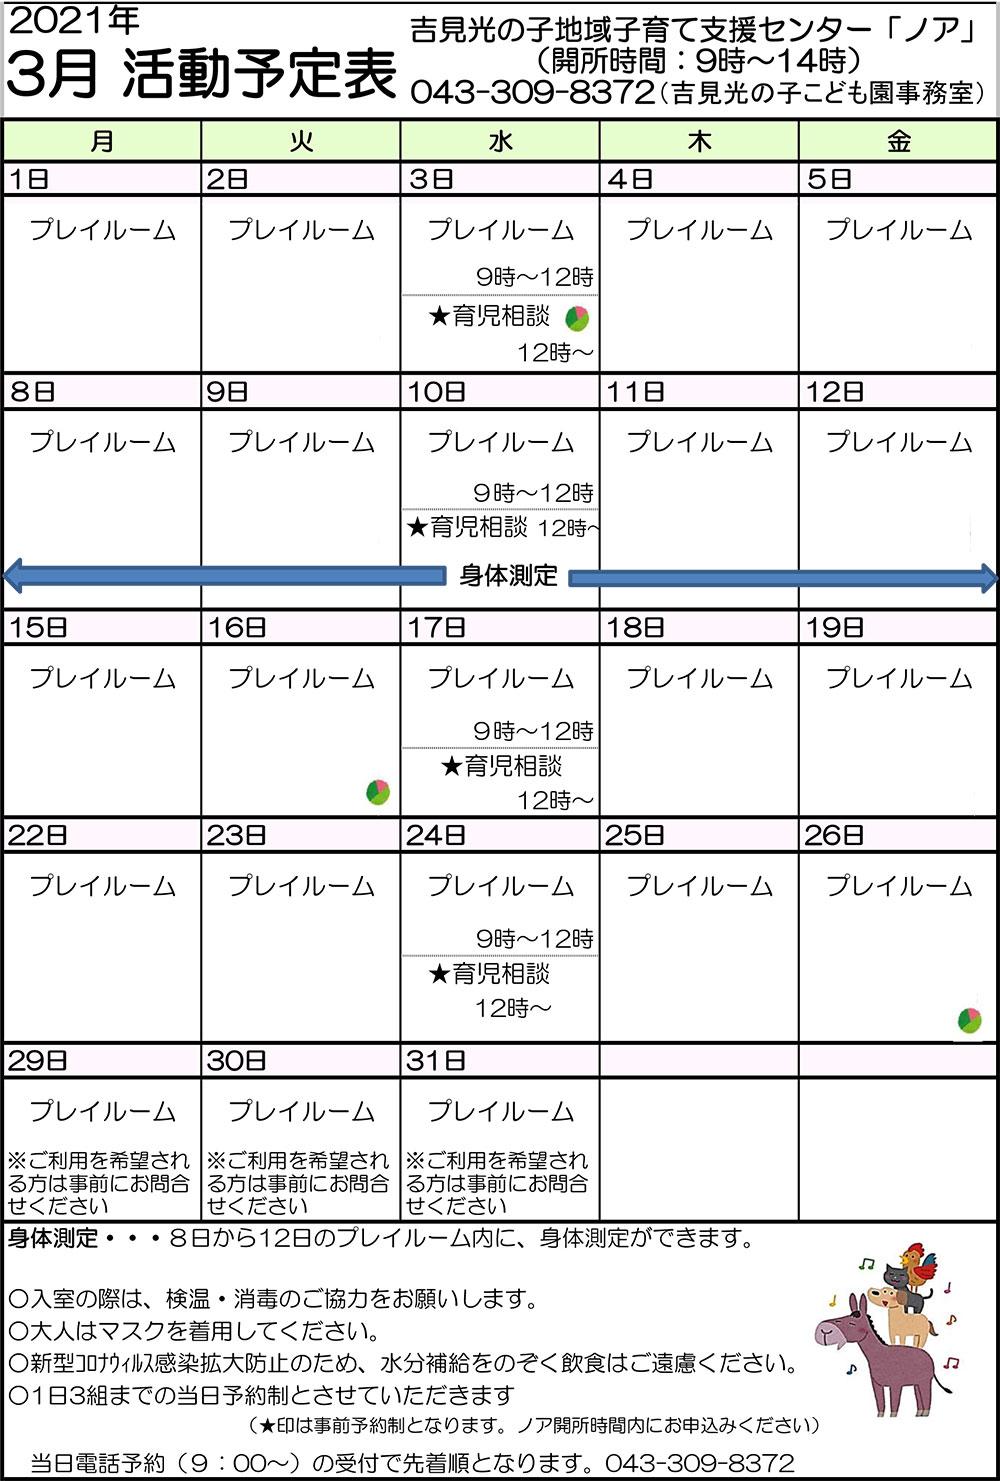 2021.3月ノア活動予定表